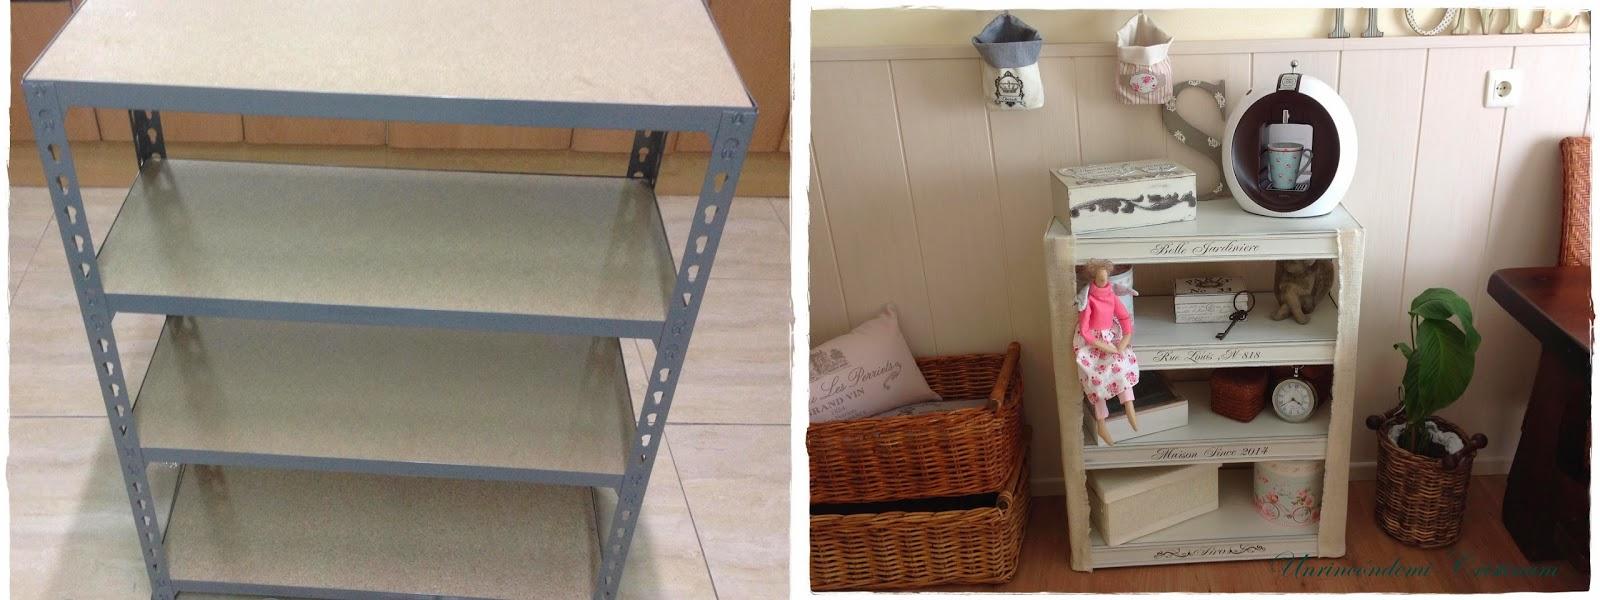 Un rinc n de mi paso a paso como transformar una - Como forrar muebles con tela paso a paso ...